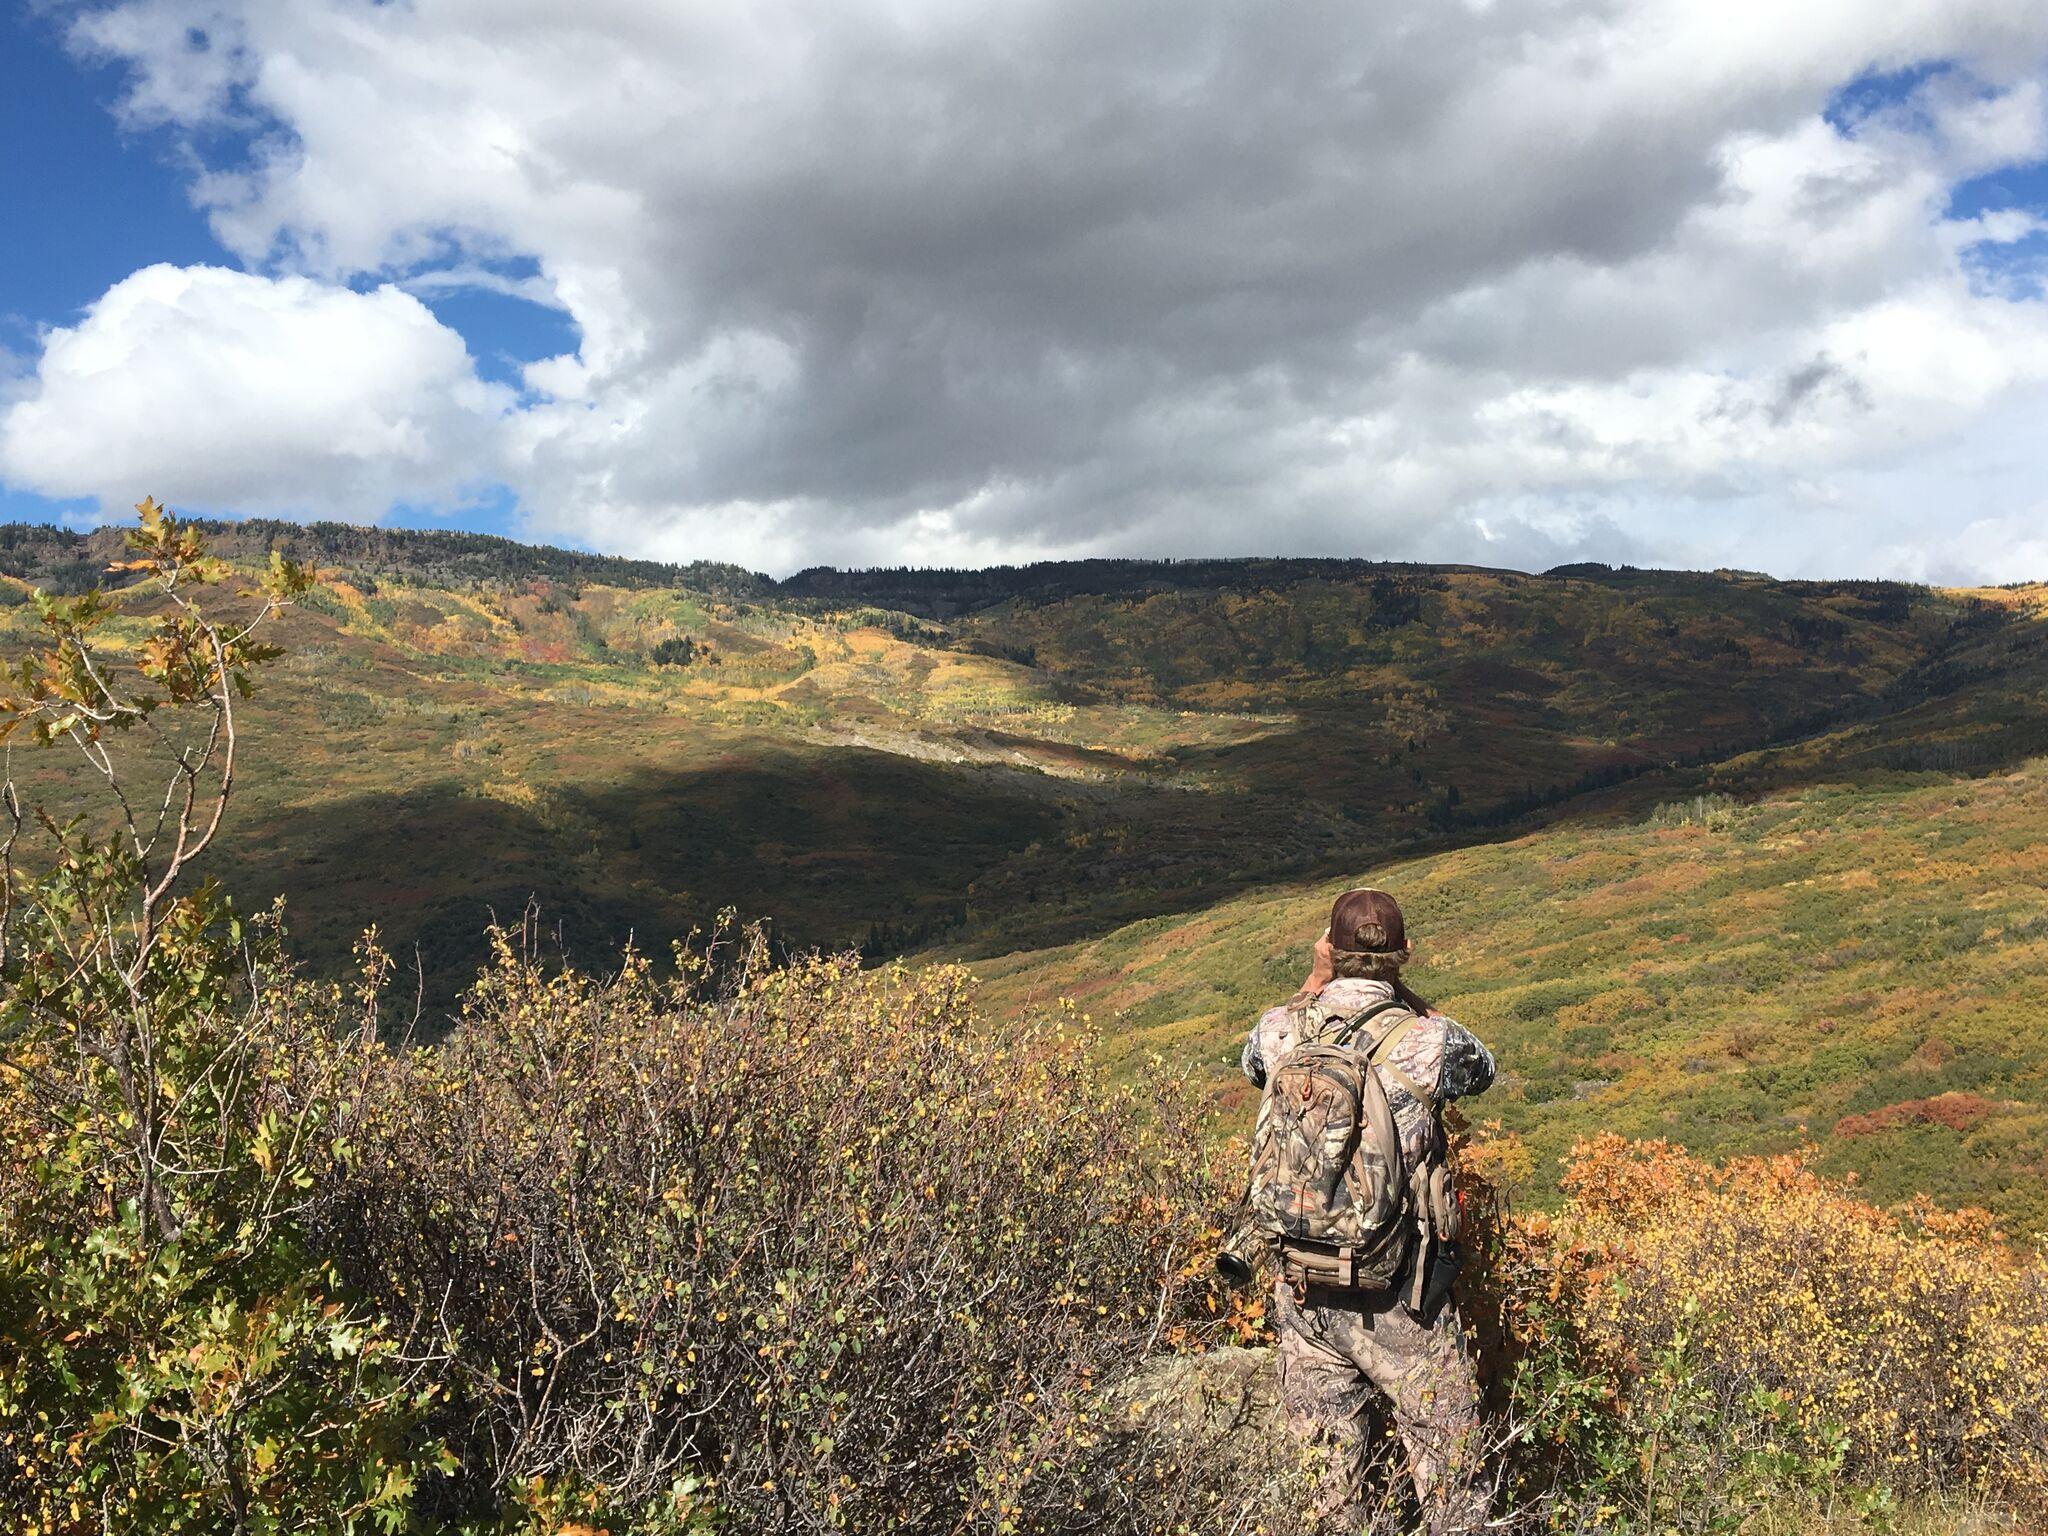 Mesa View